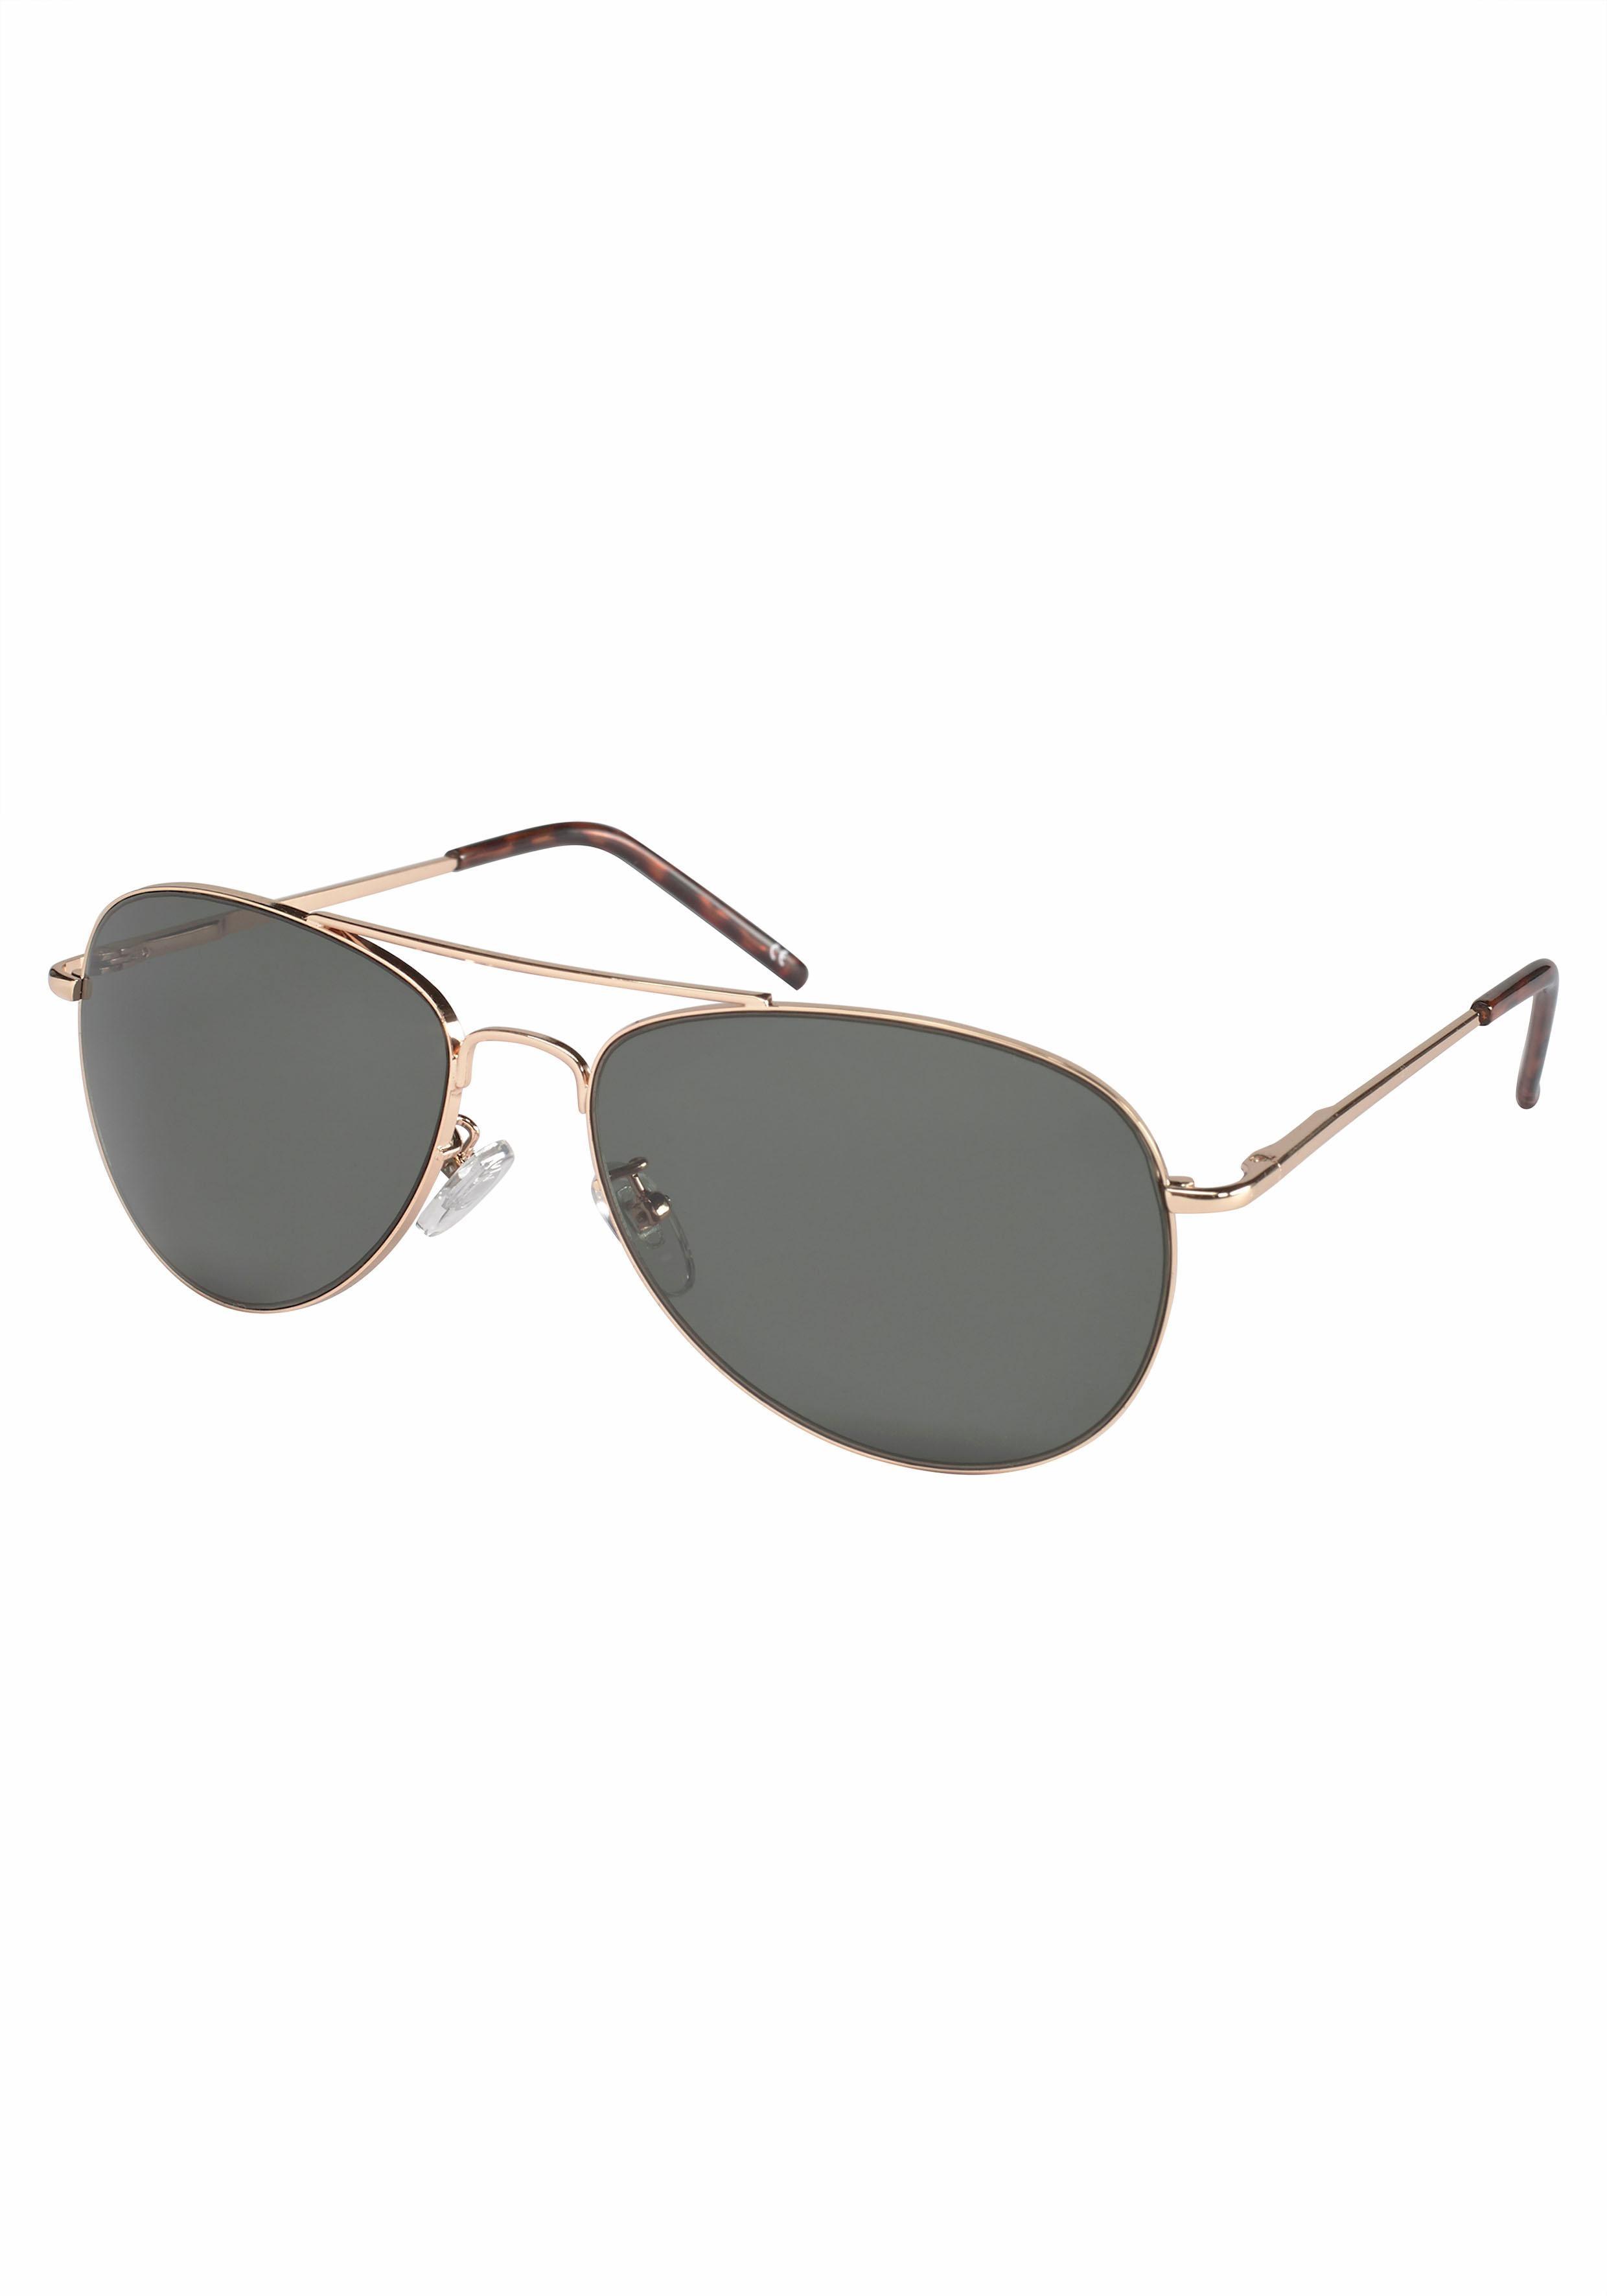 PRIMETTA Eyewear Sonnenbrille | Accessoires > Sonnenbrillen > Sonstige Sonnenbrillen | Primetta Eyewear